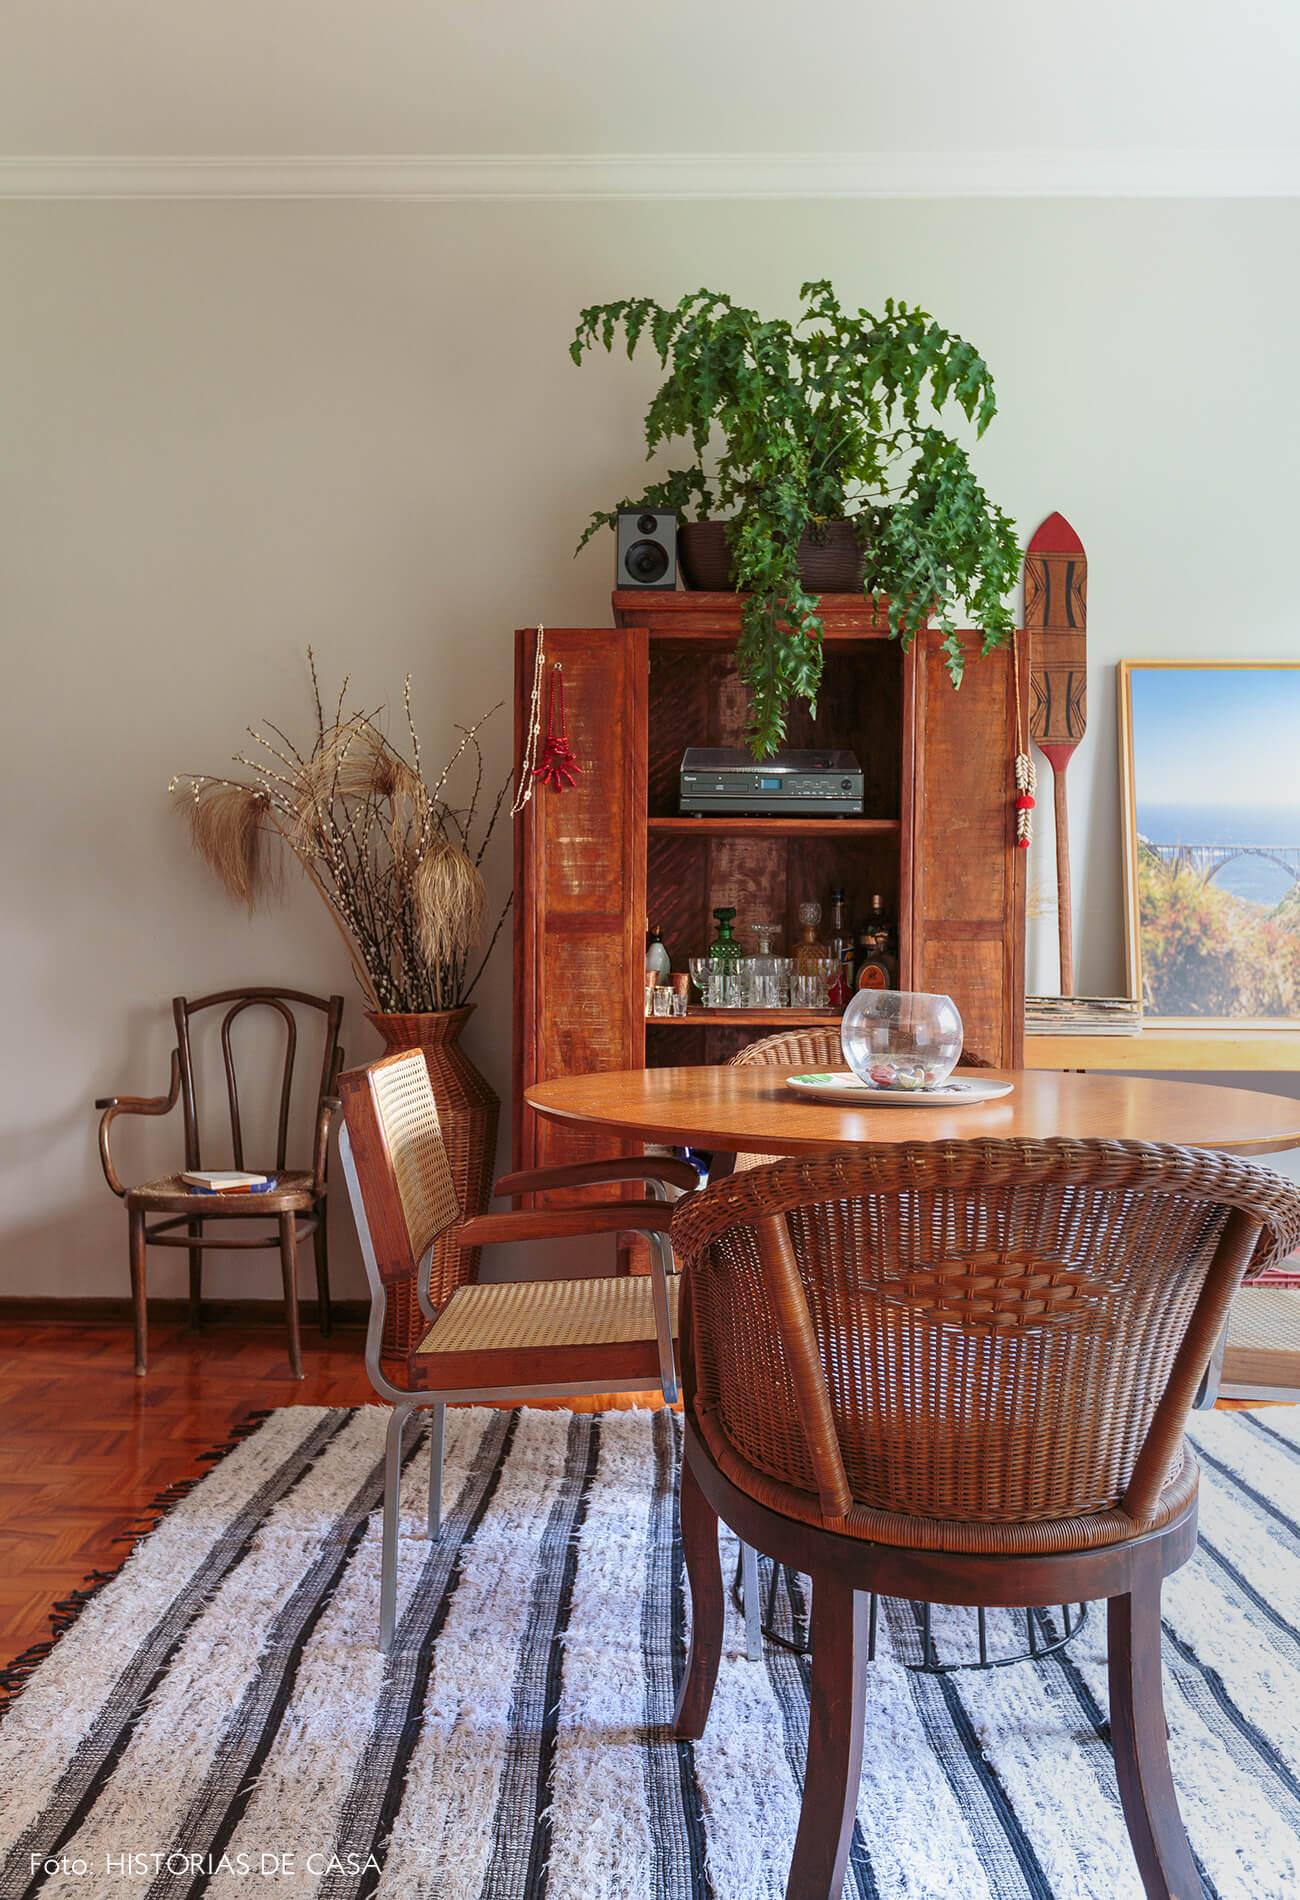 decoração sala jantar com cadeiras de palha e moveis de madeira